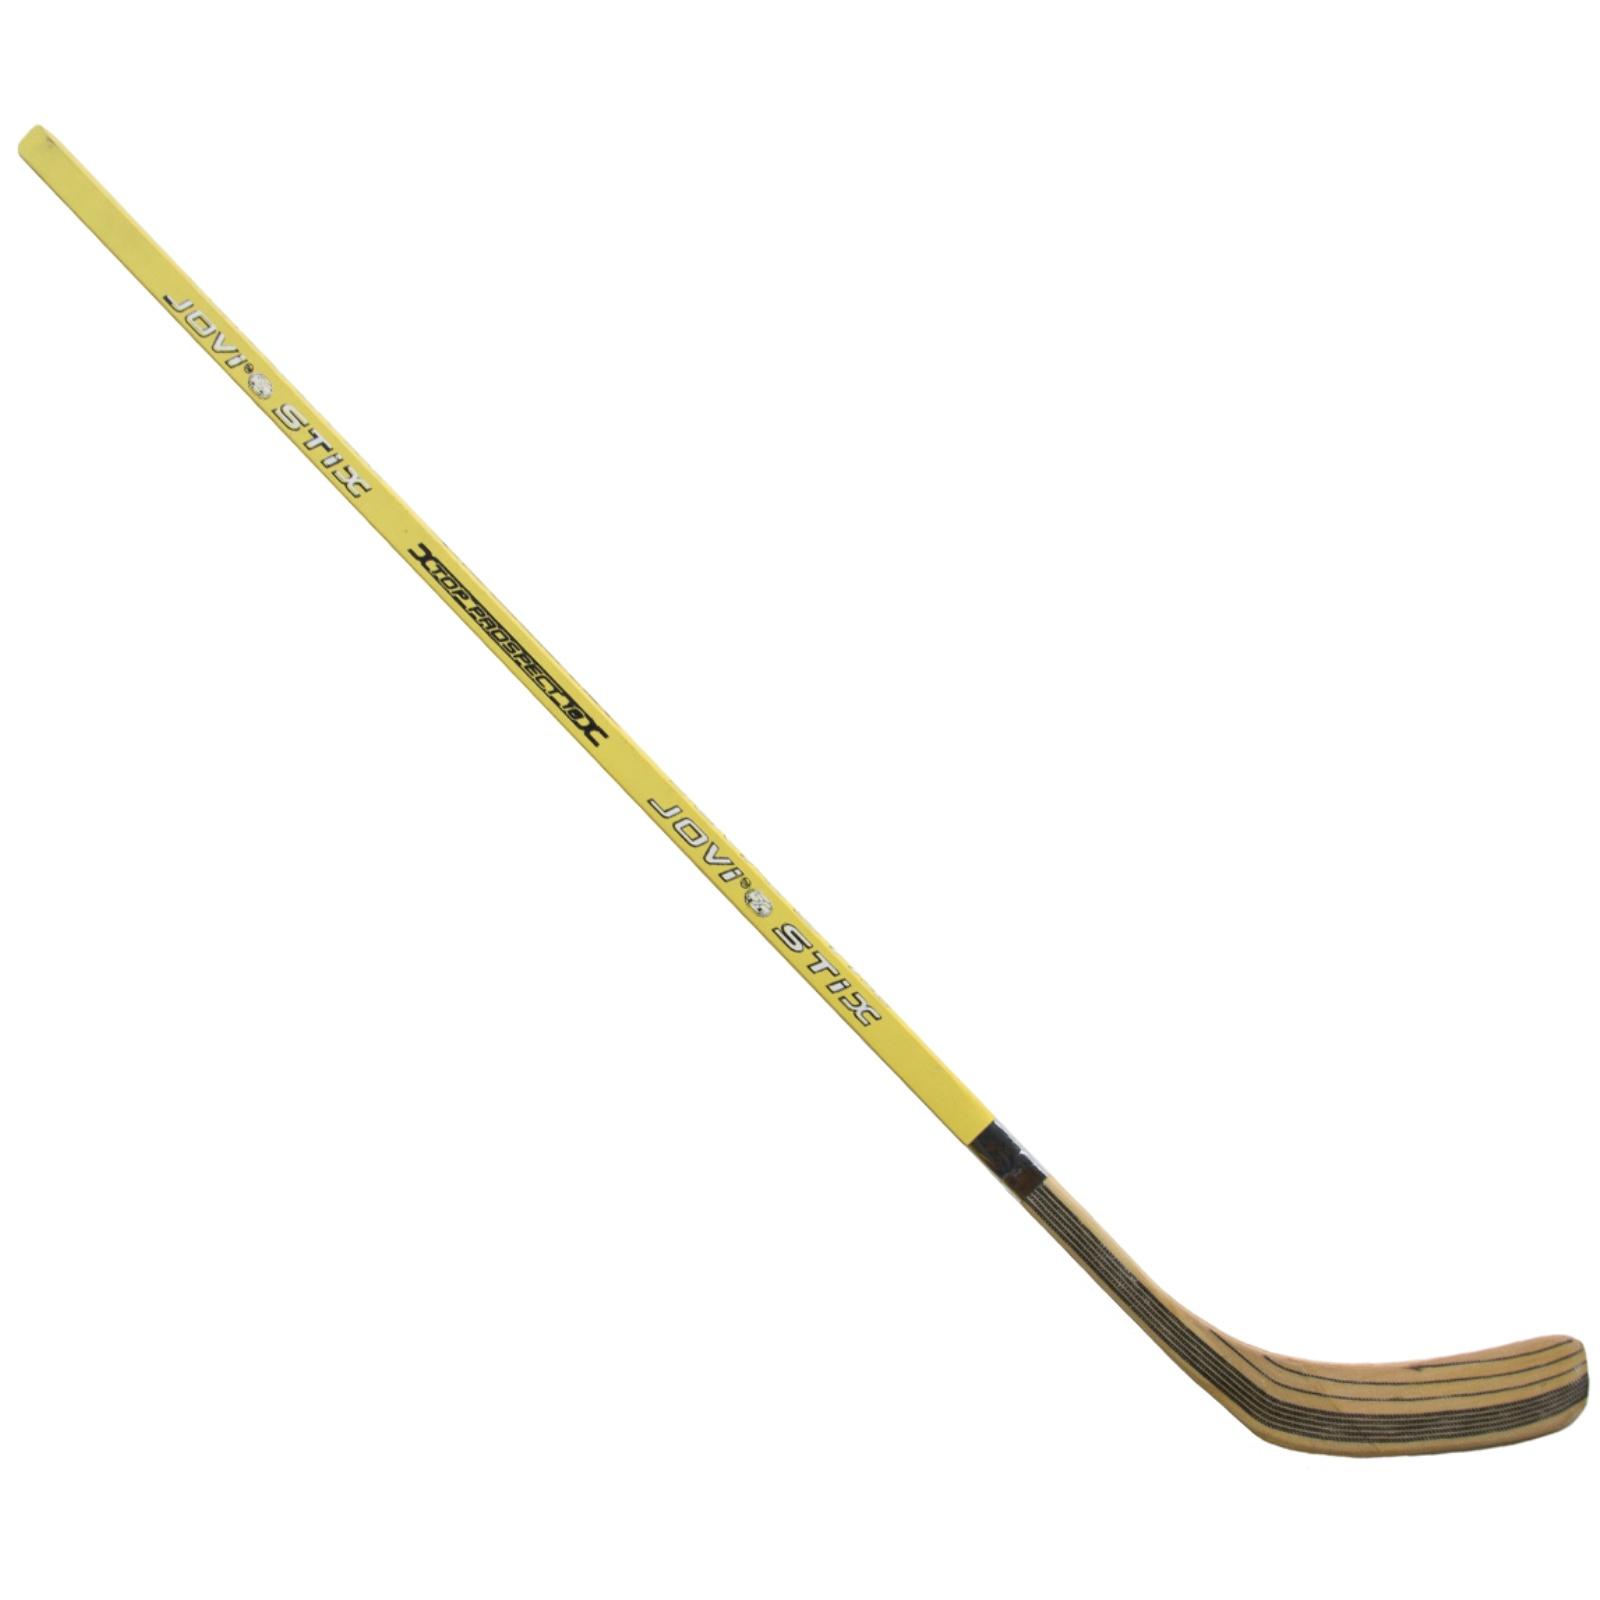 Hokejka LION 3322 - 115 cm levá - žlutá